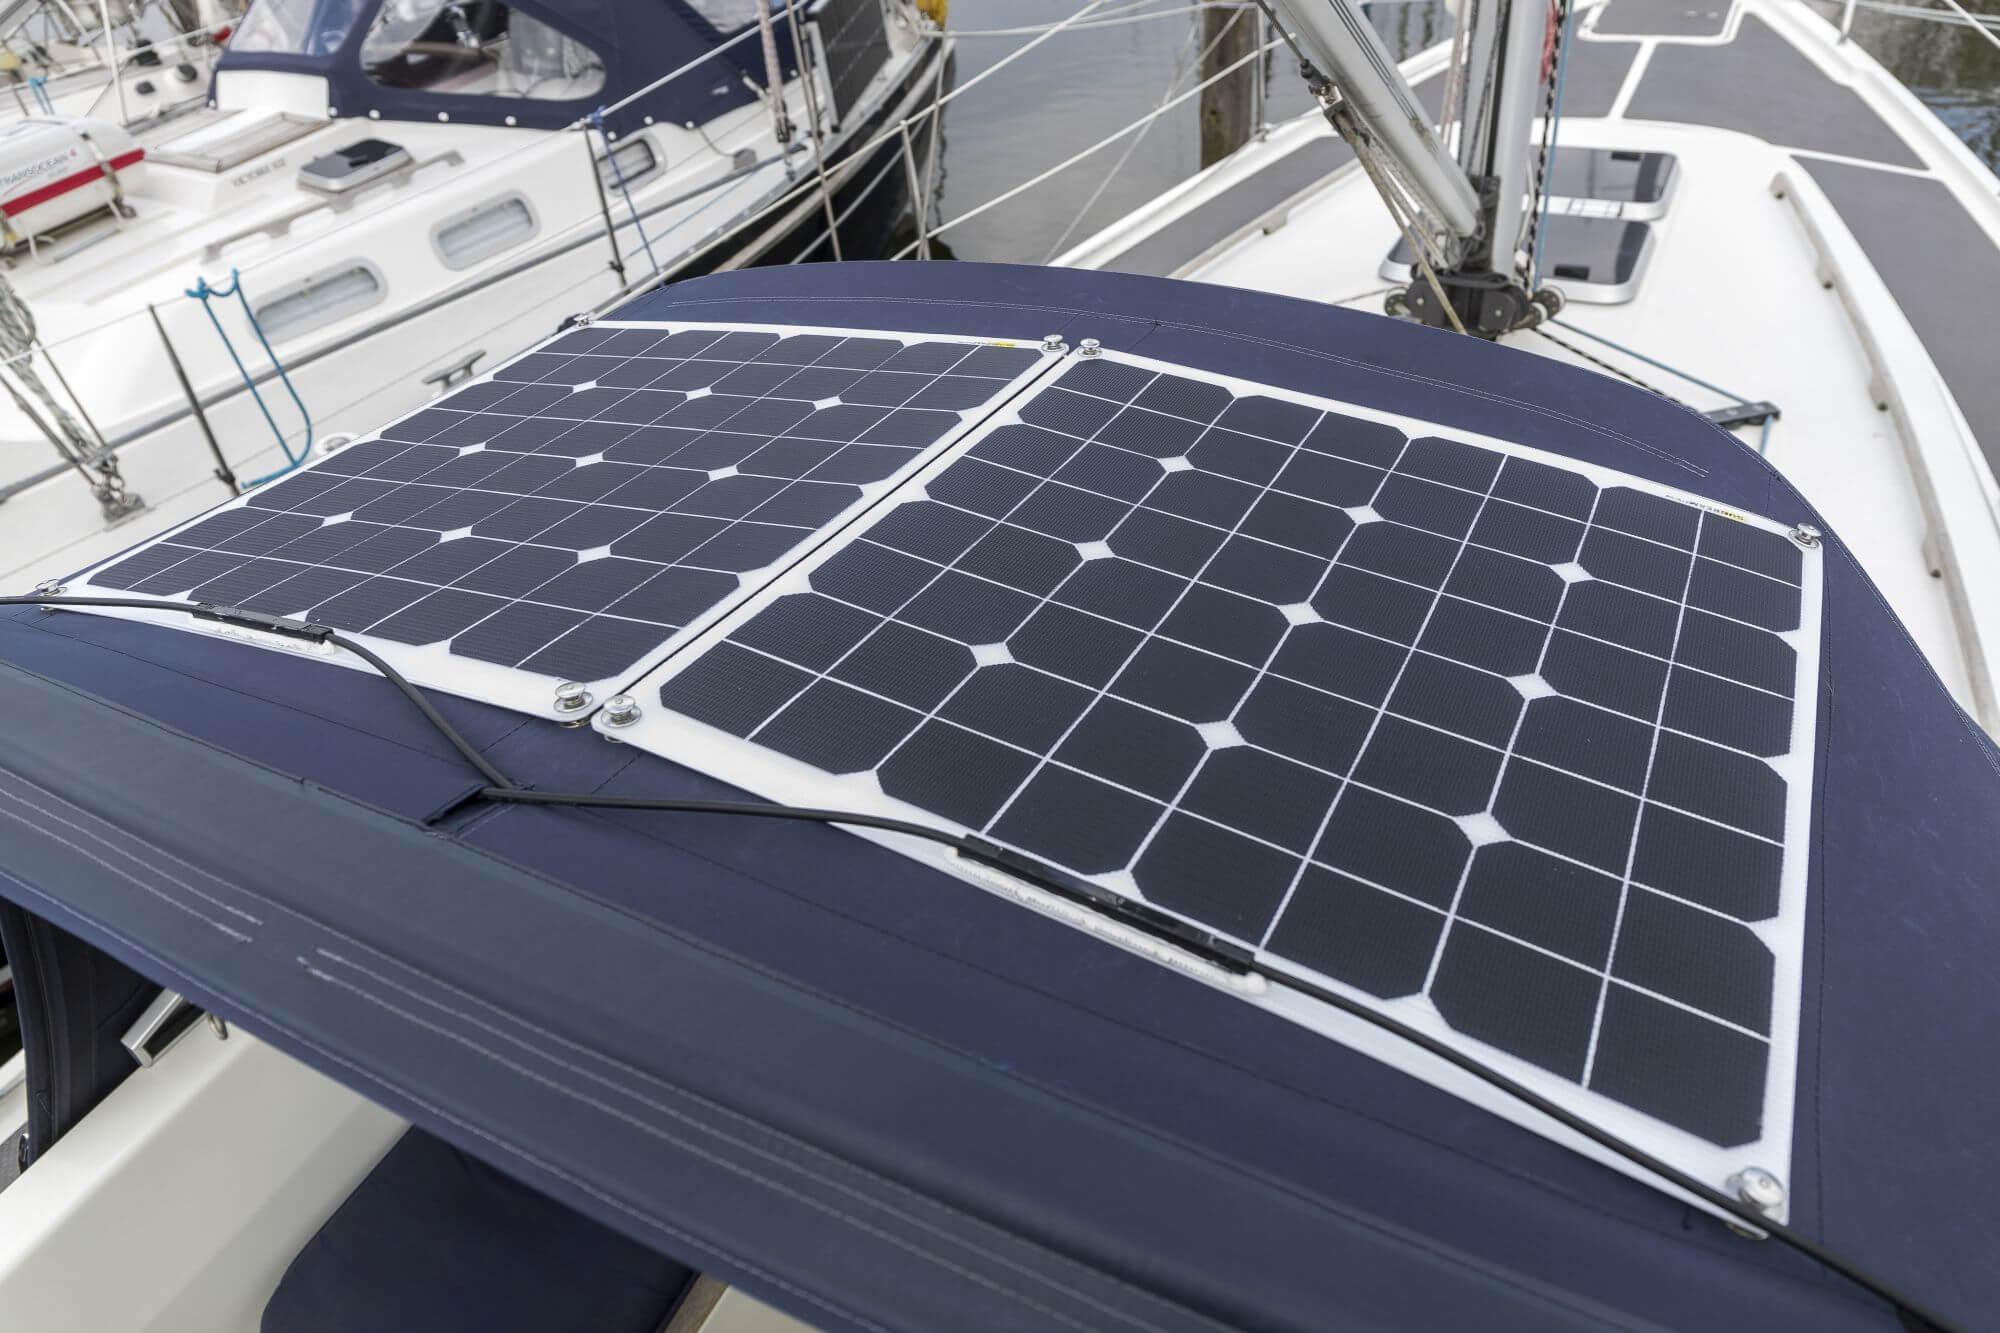 Solarpanel auf einem Boot